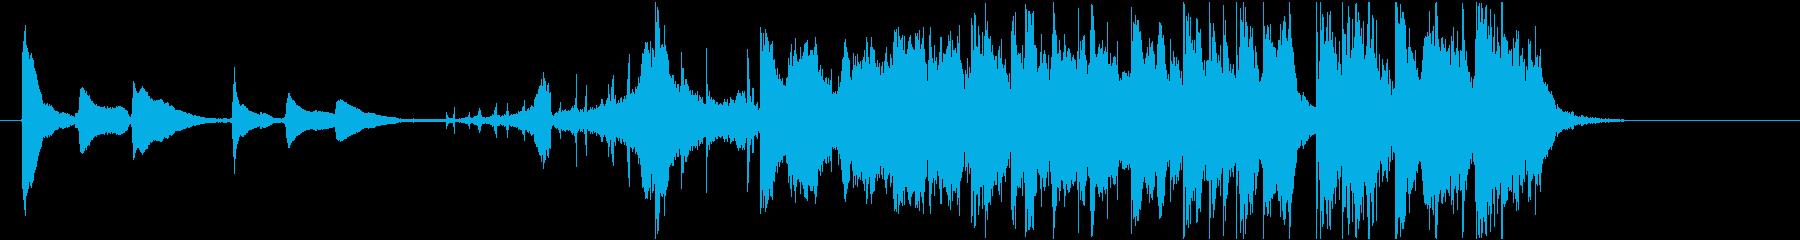 フュージョン ジャズ アンビエント...の再生済みの波形